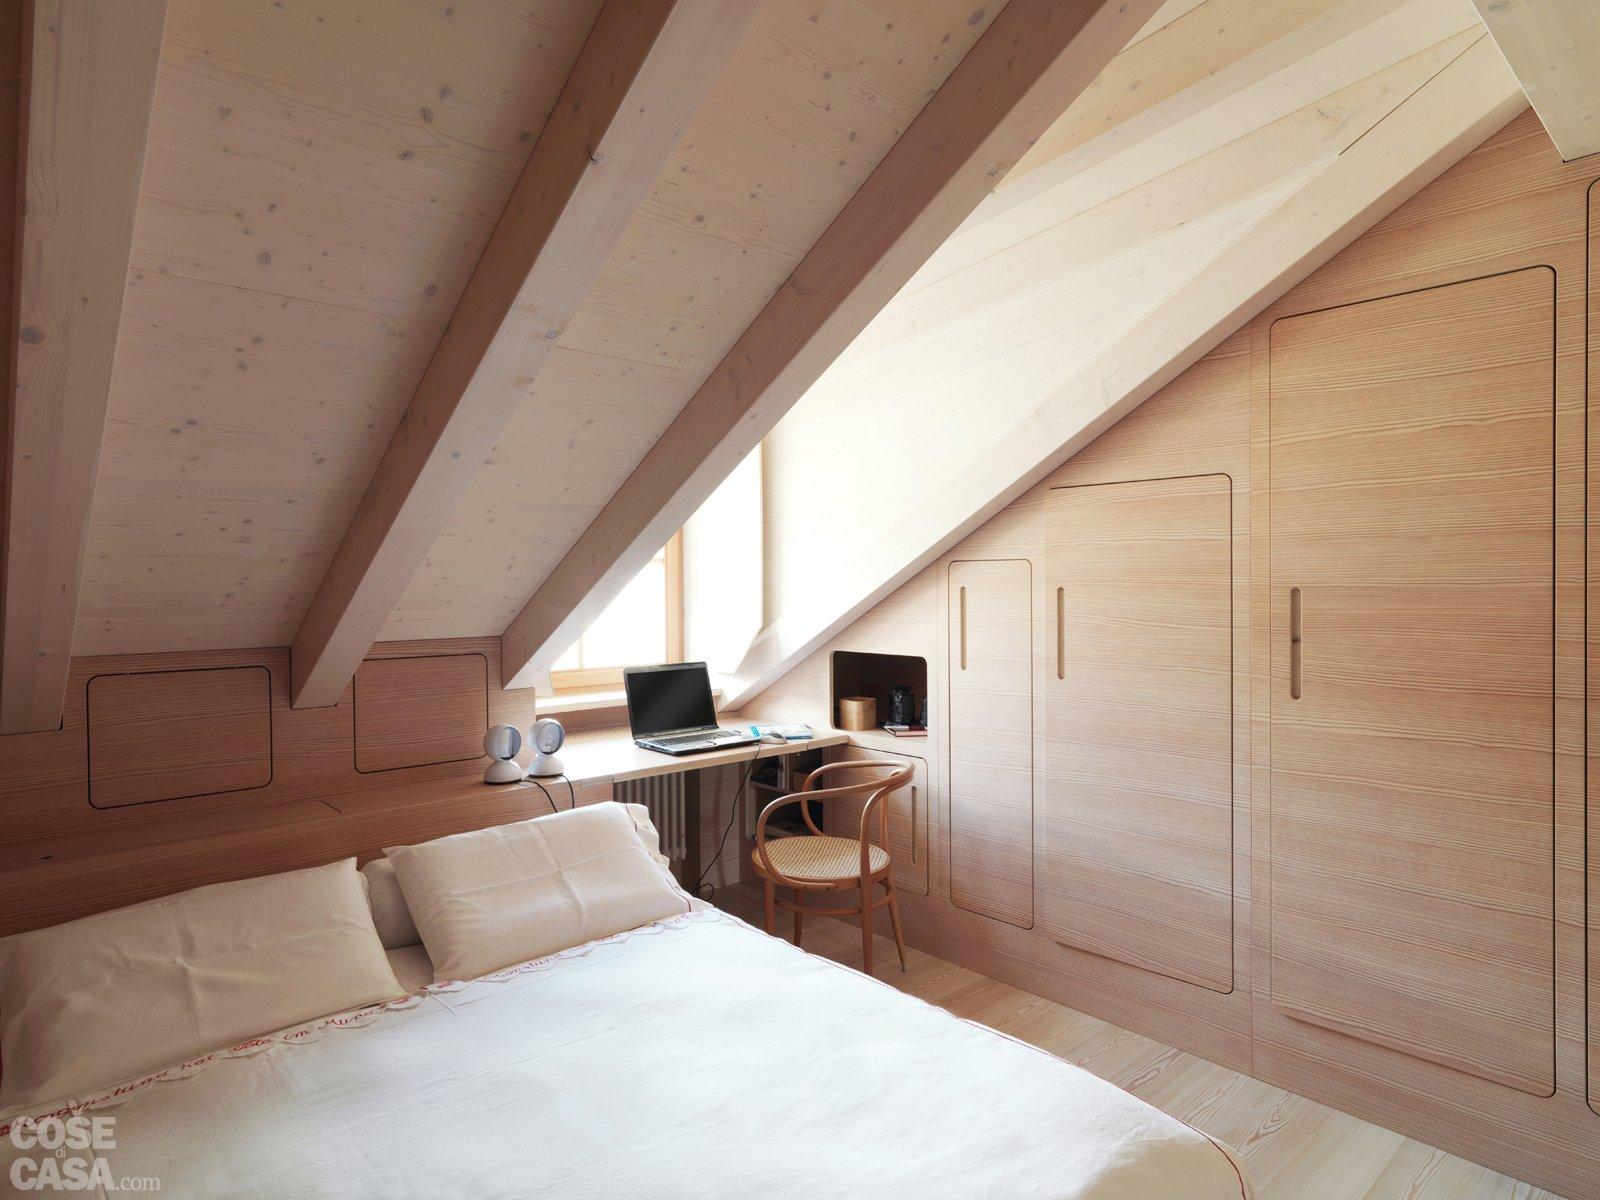 Casa di montagna sfruttata al centimetro cose di casa for Camera da letto matrimoniale in mansarda